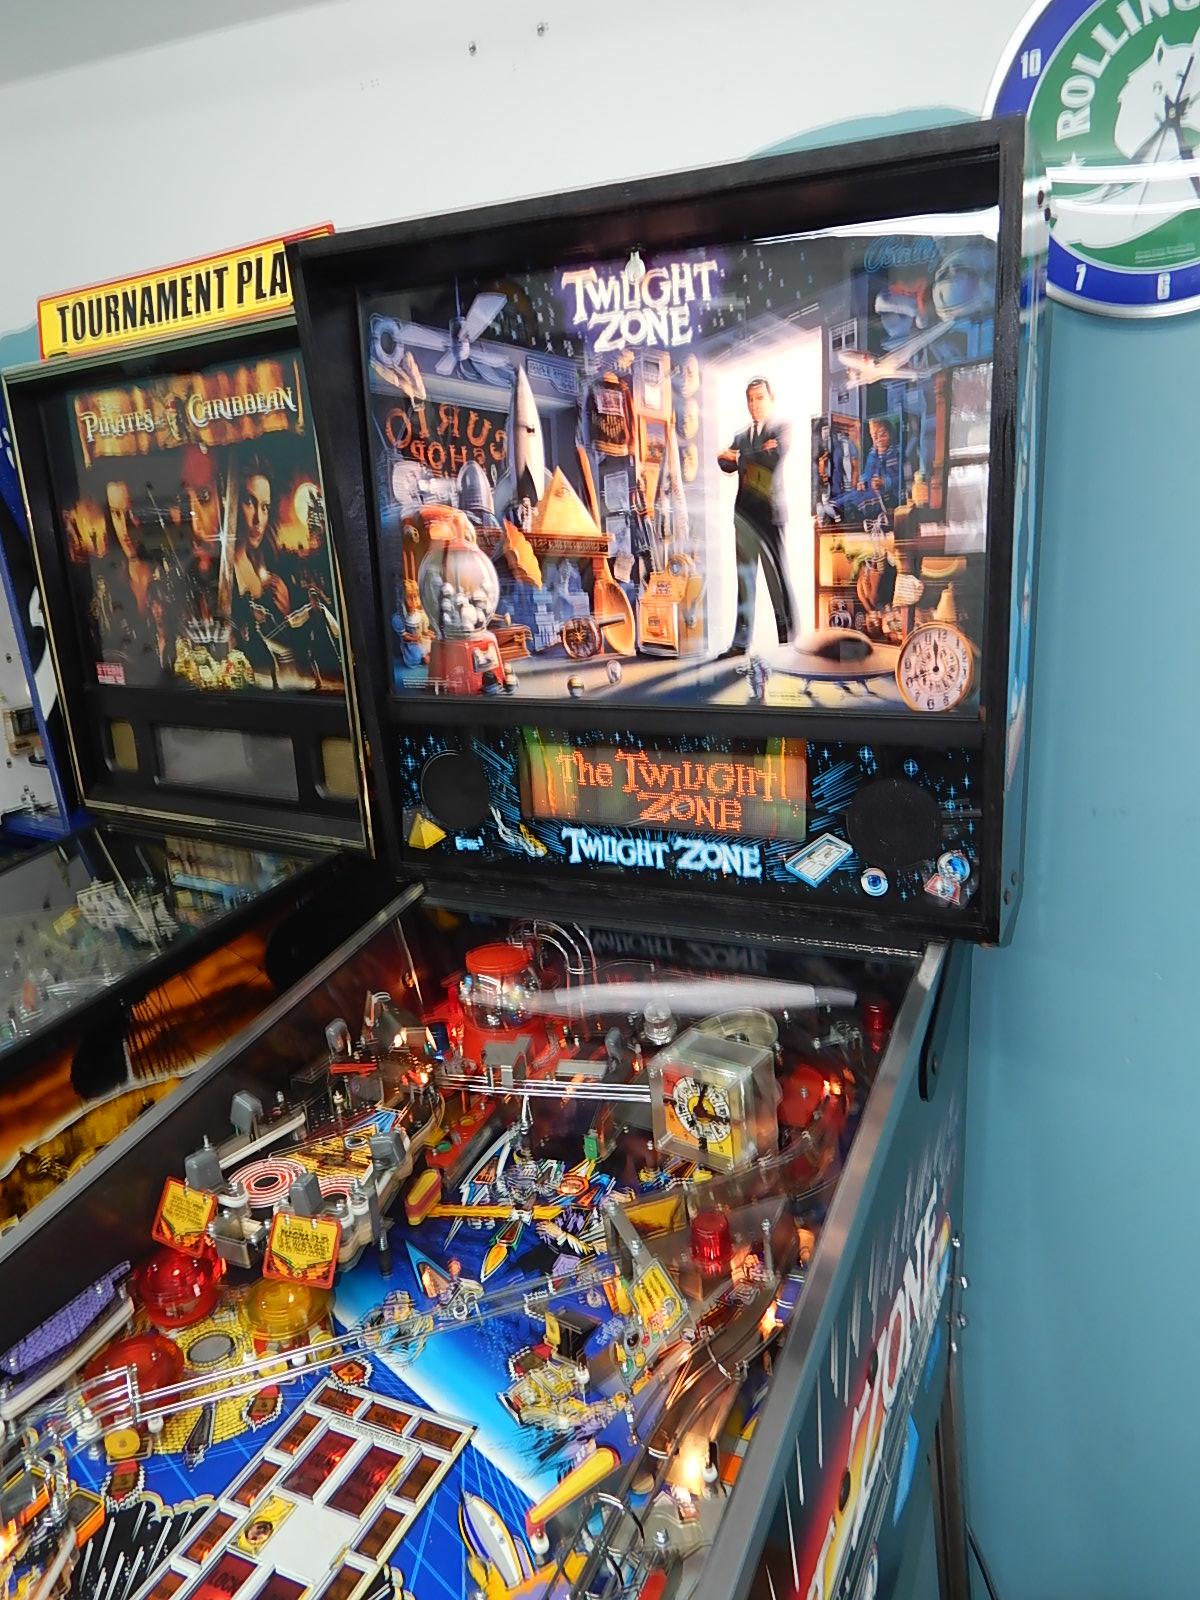 Twilight Zone - Pinball Machine